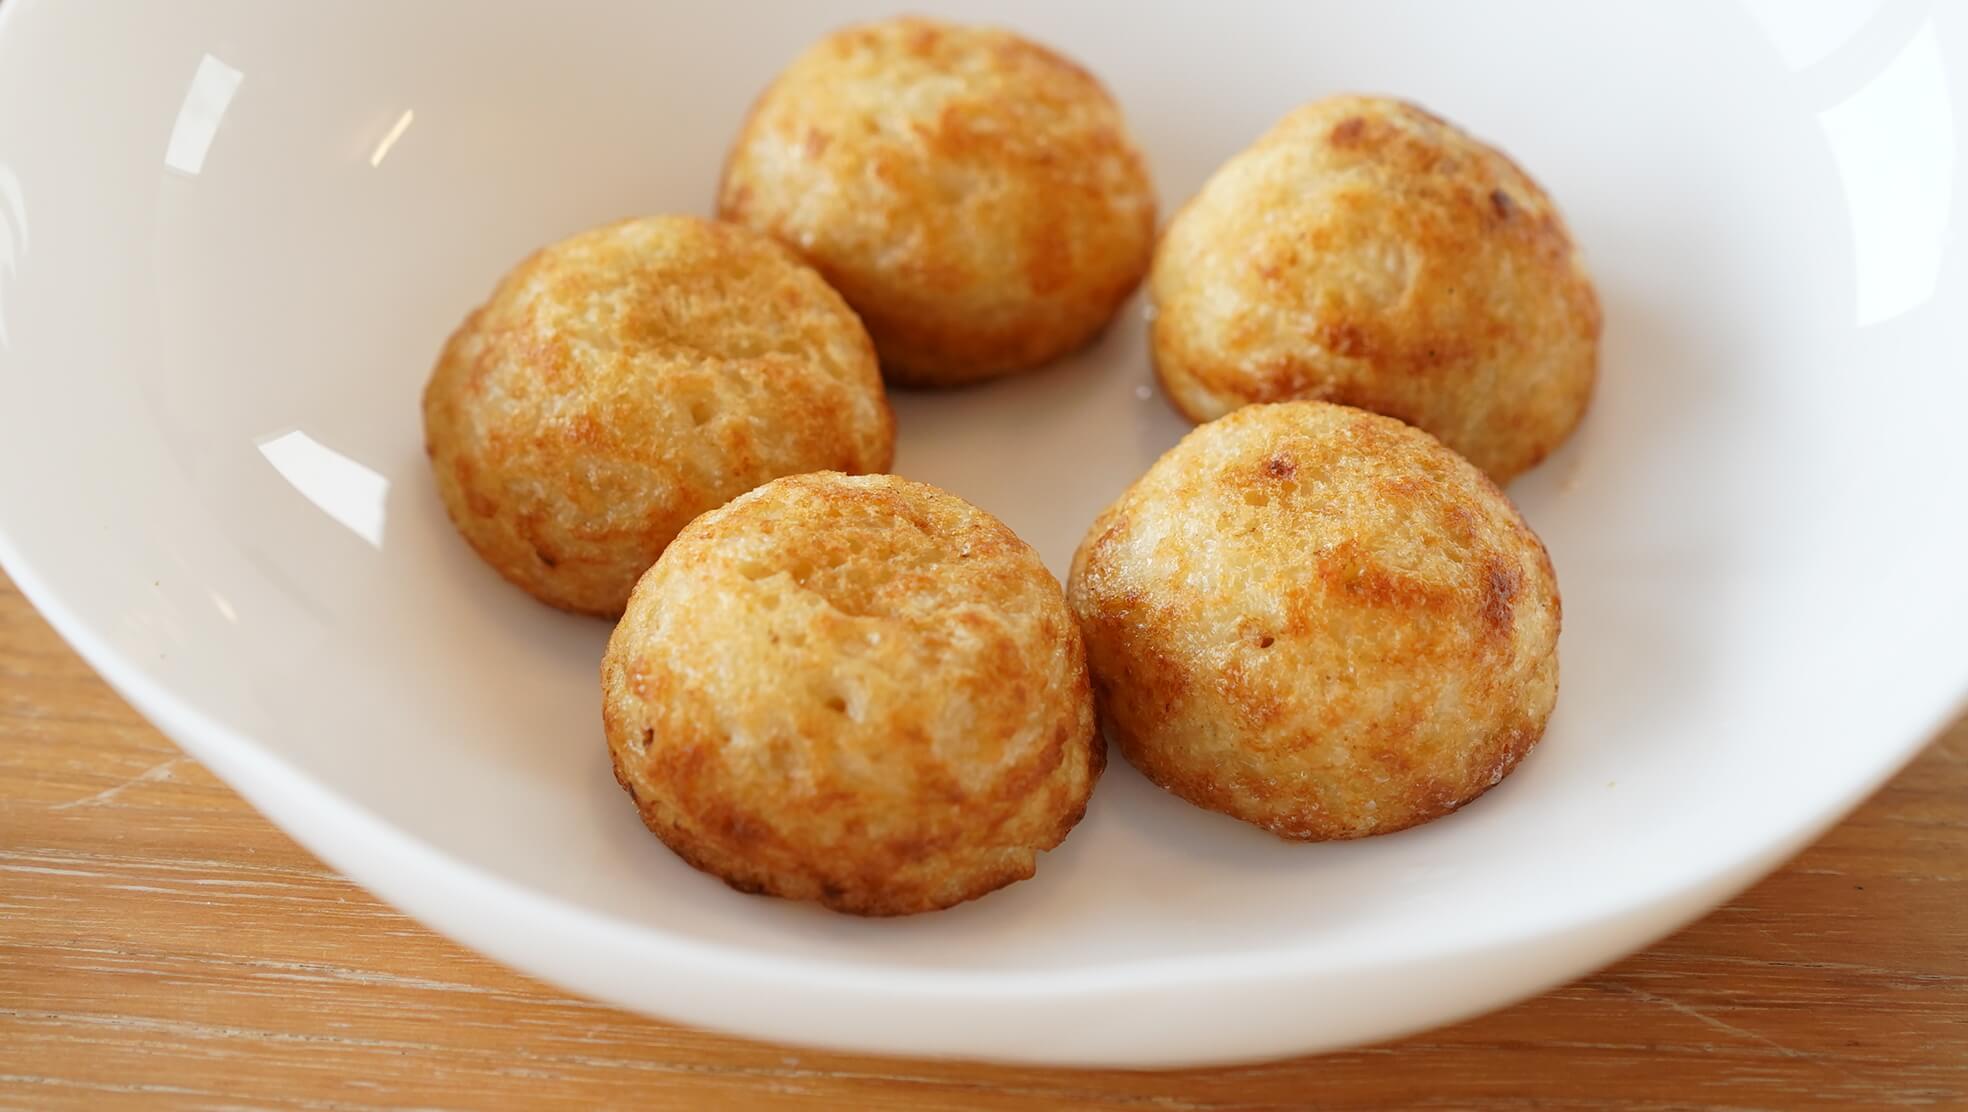 コストコの冷凍食品「たこ焼き」を皿に盛り付けた写真